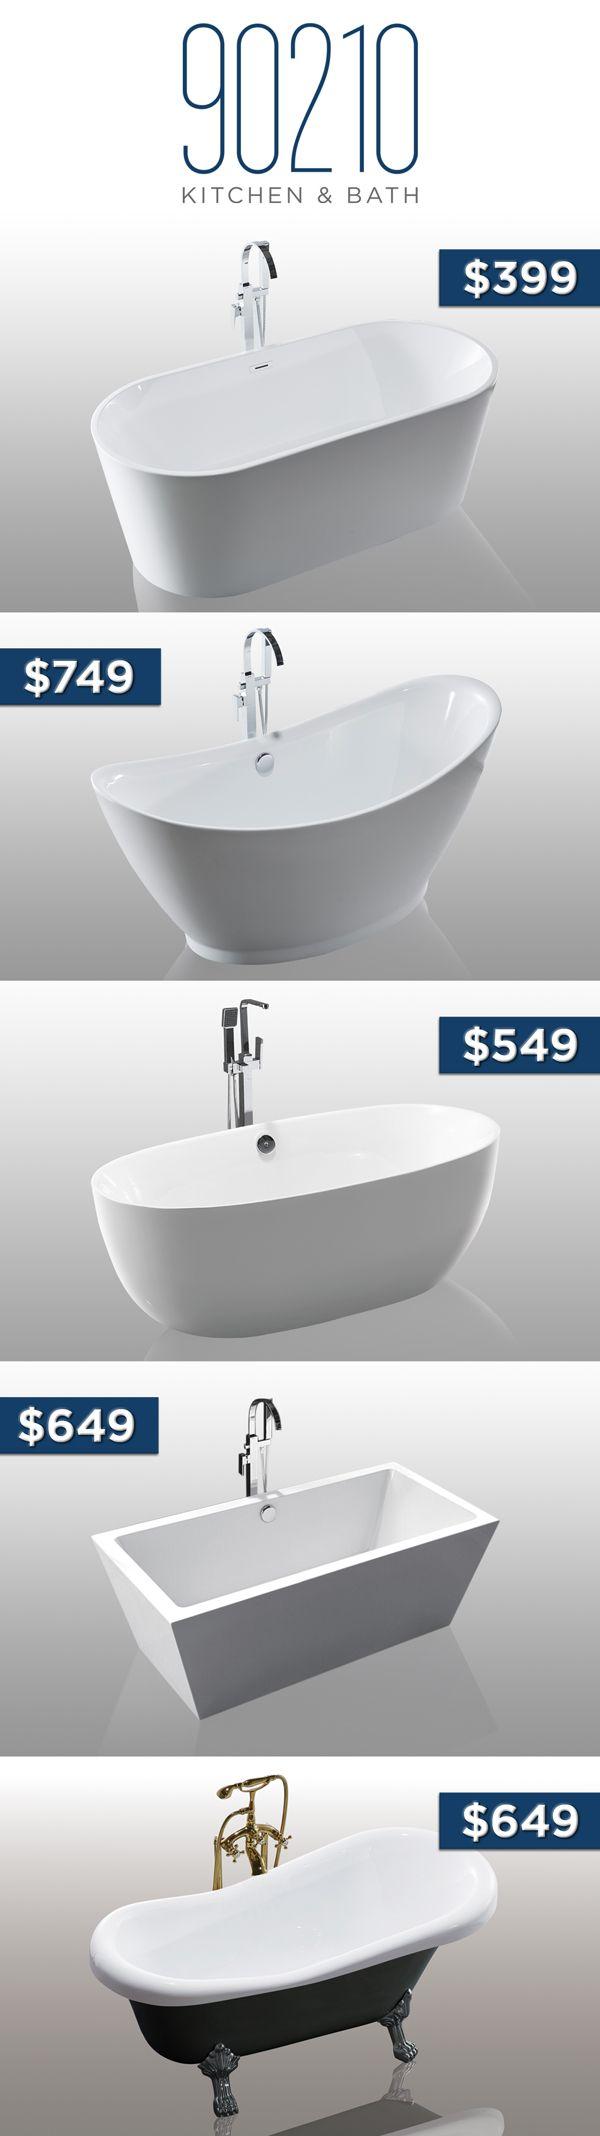 Bathtubs under $900